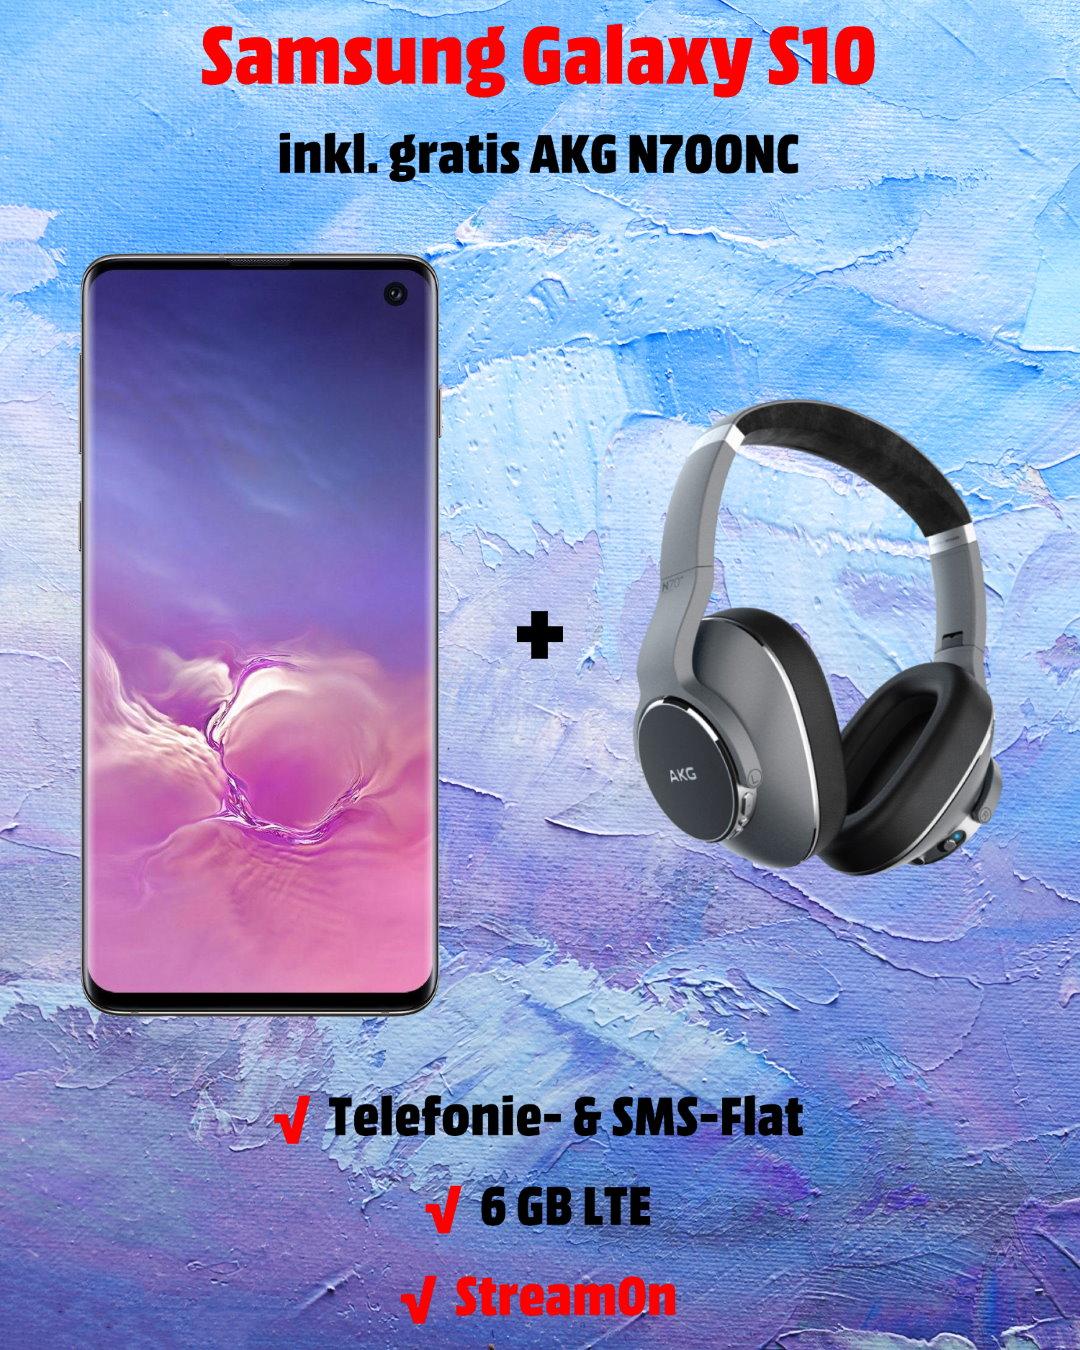 Galaxy S10 inkl. gratis AKG N700NC und 6 GB LTE Allnet-Flat im besten Telekom-Netz